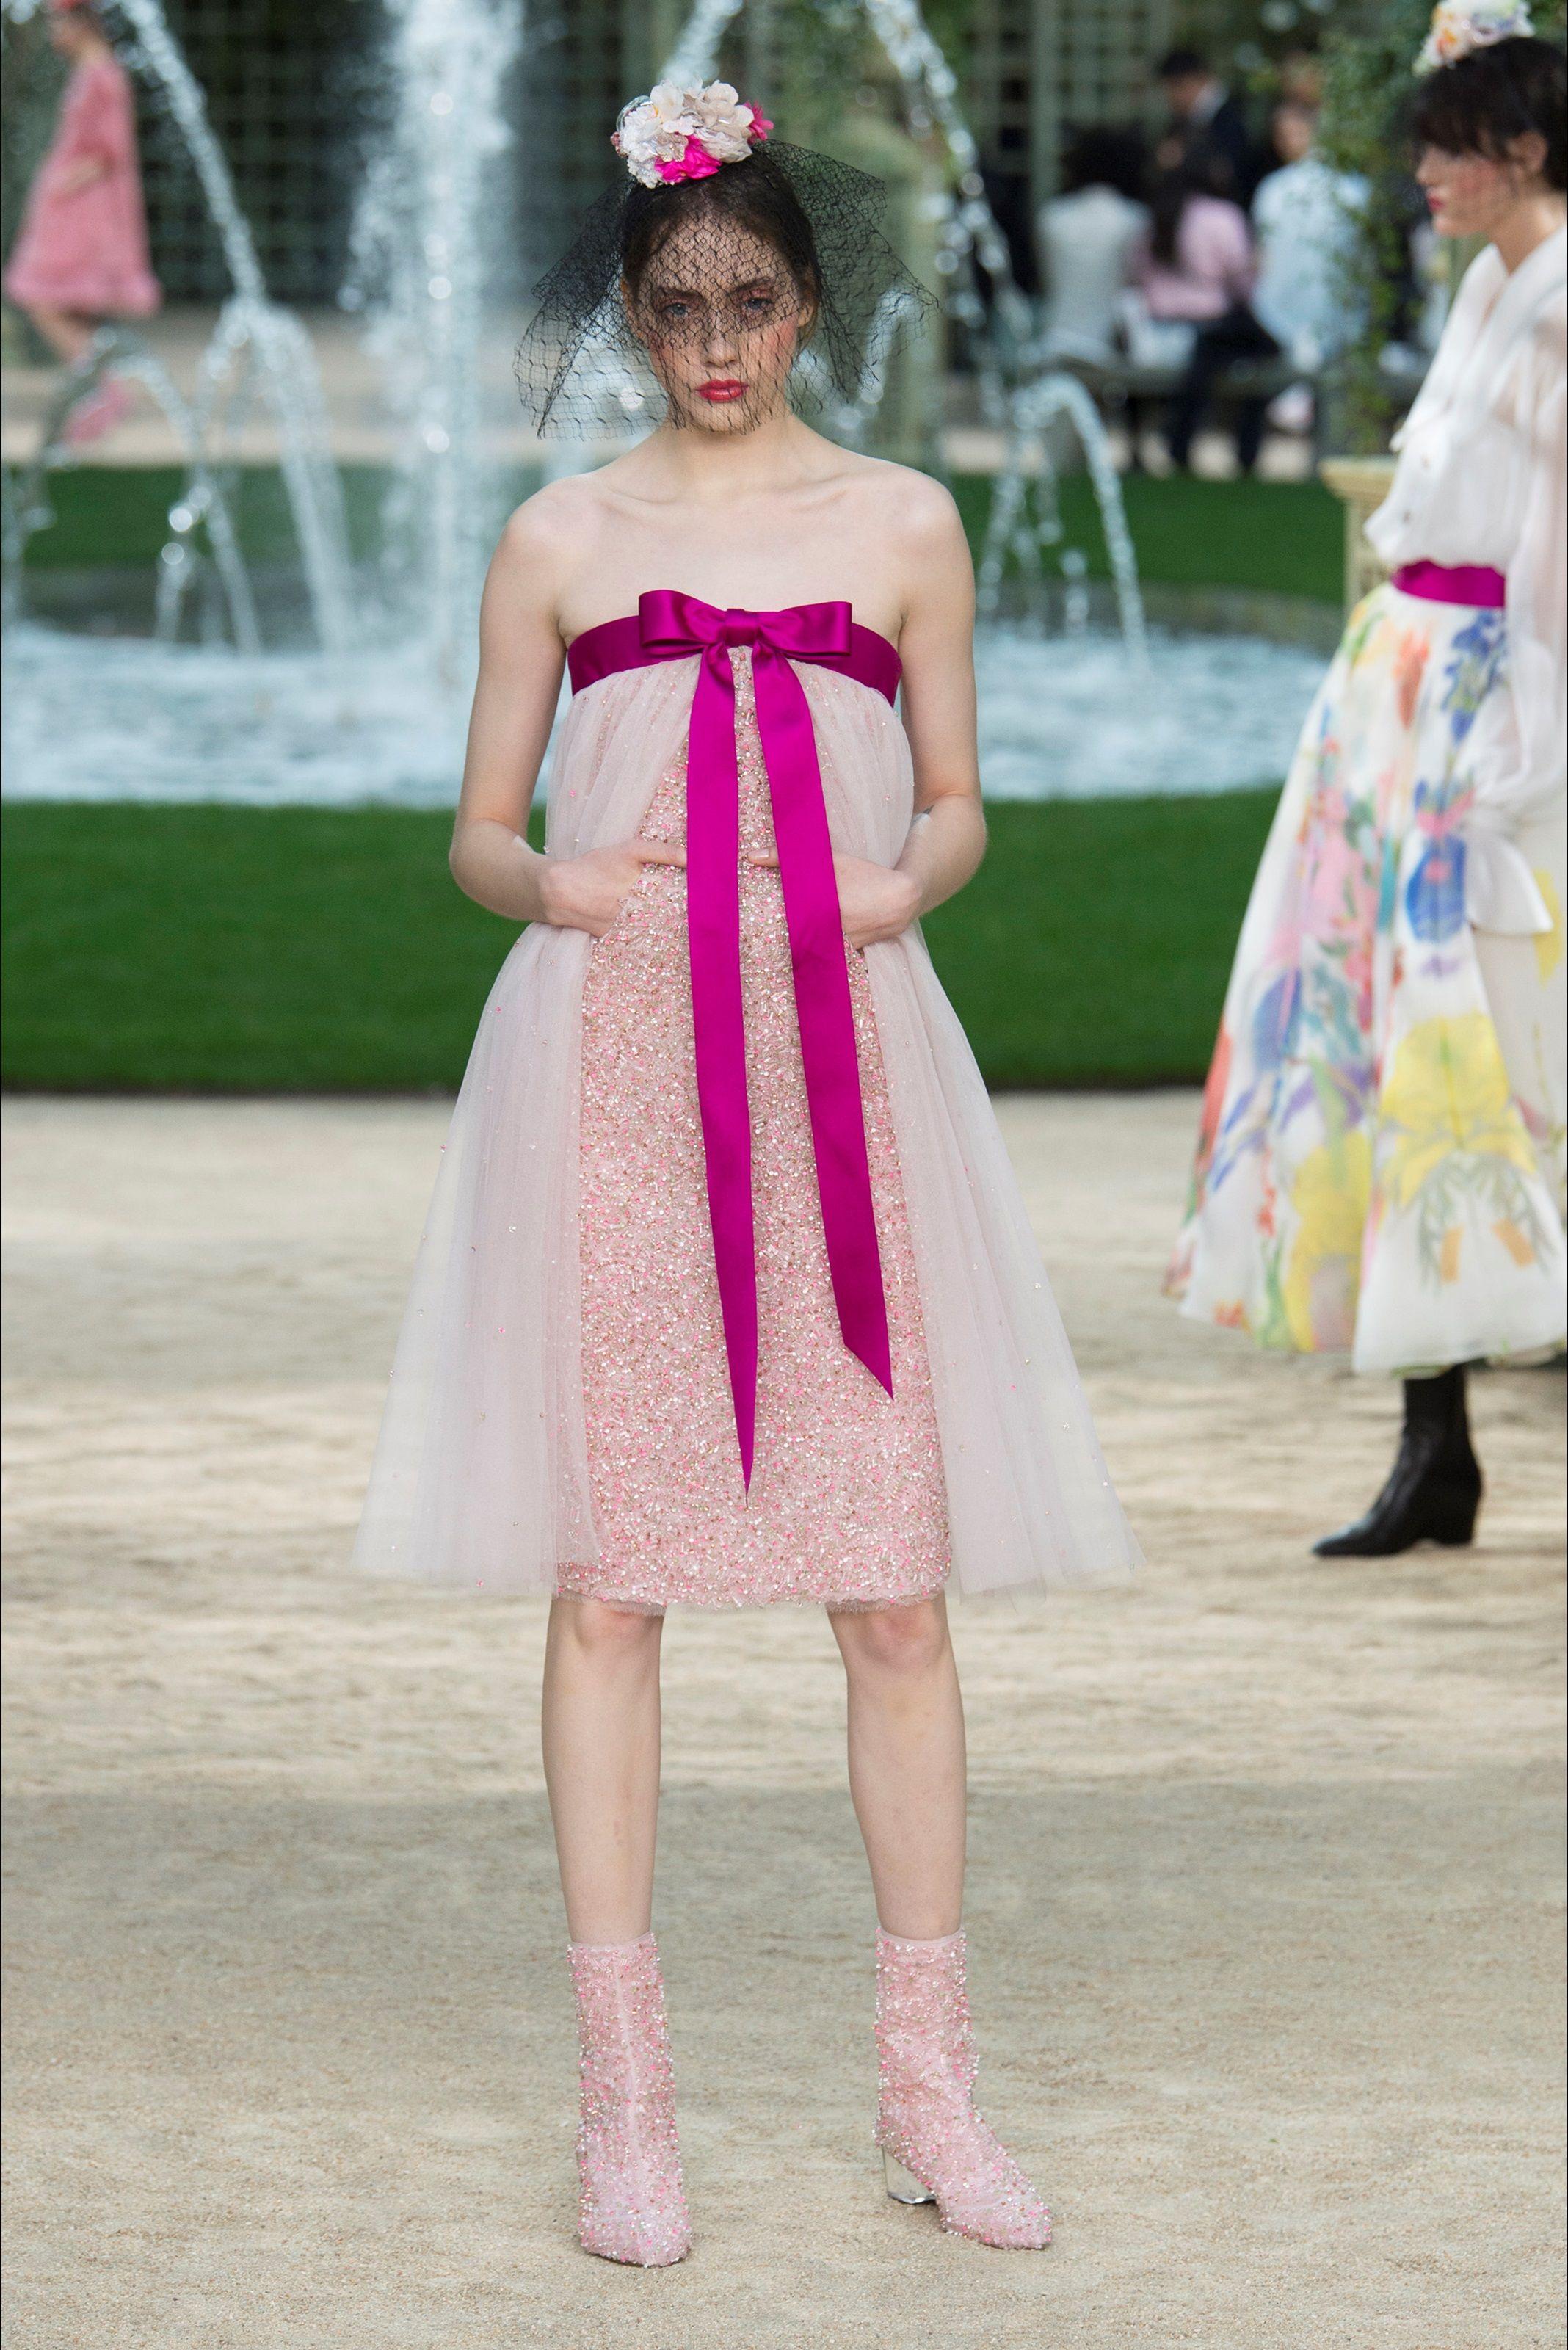 Chanel Parigi - Haute Couture Spring Summer 2018 | Coco Chanel ...